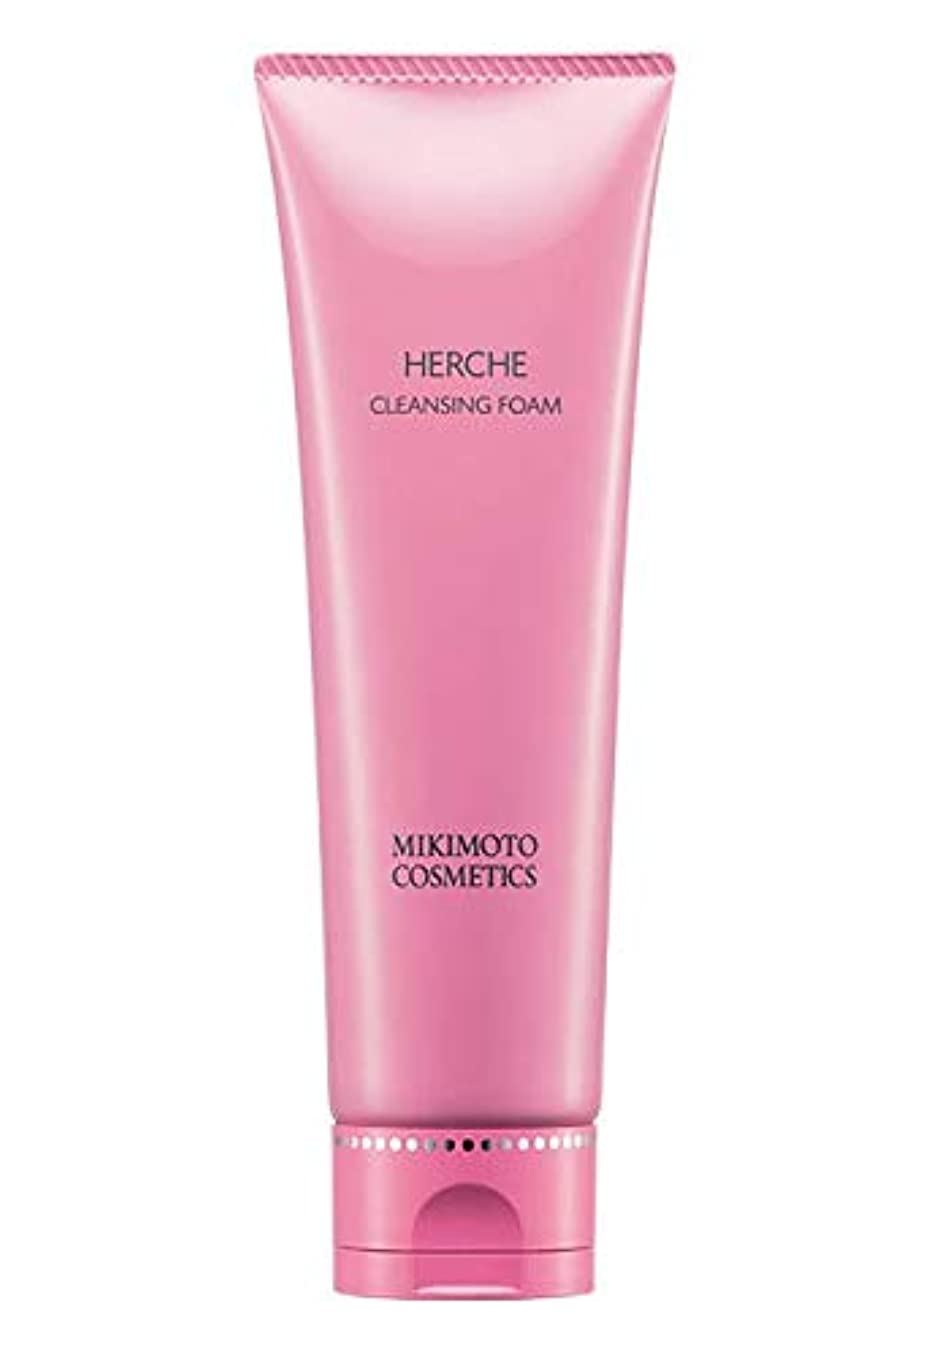 宣言ハードウェア敏感なミキモト化粧品 MIKIMOTO エルチェ クレンジングフォーム N120g